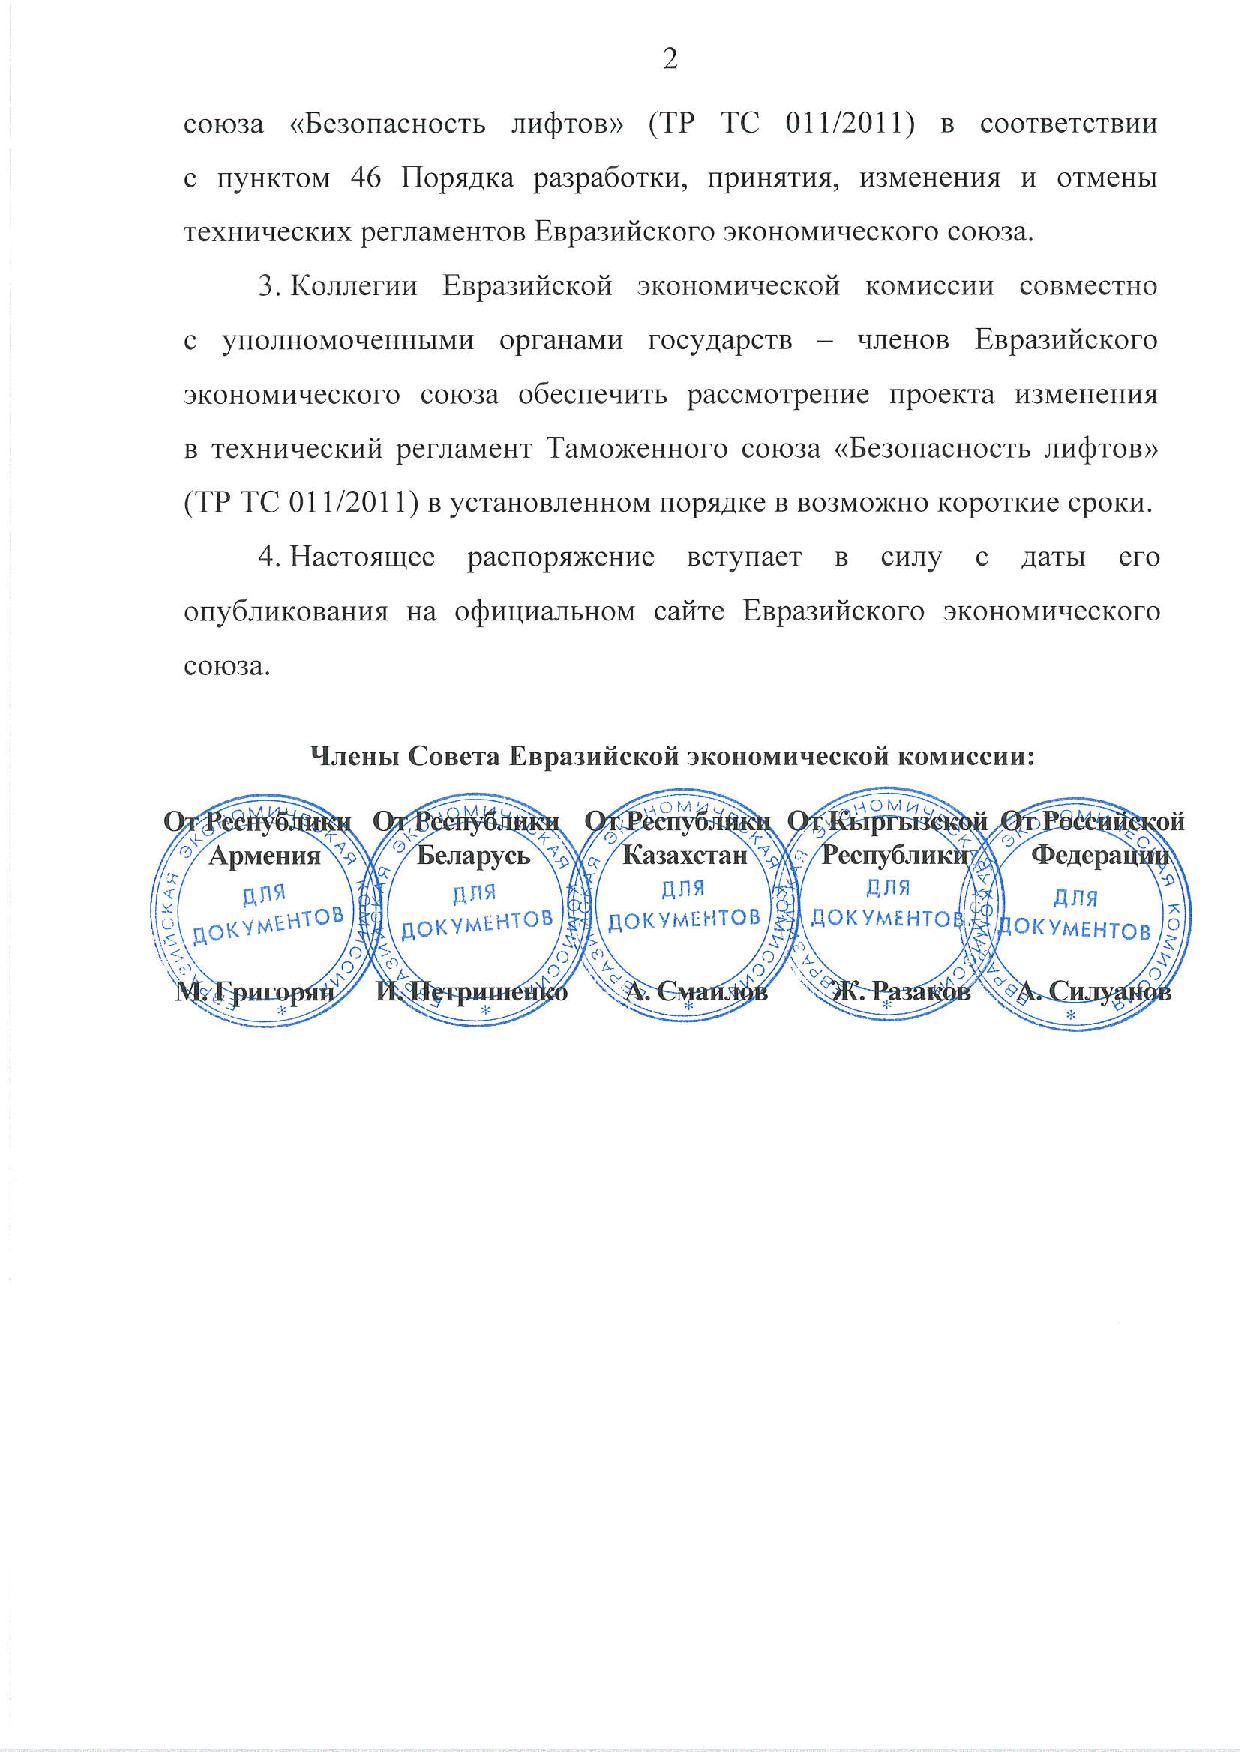 Совет ЕЭК одобрил разработку проекта изменений в ТР ТС «Безопасность лифтов» о продлении сроков приведения лифтов в соответствии с требованиями техрегламента